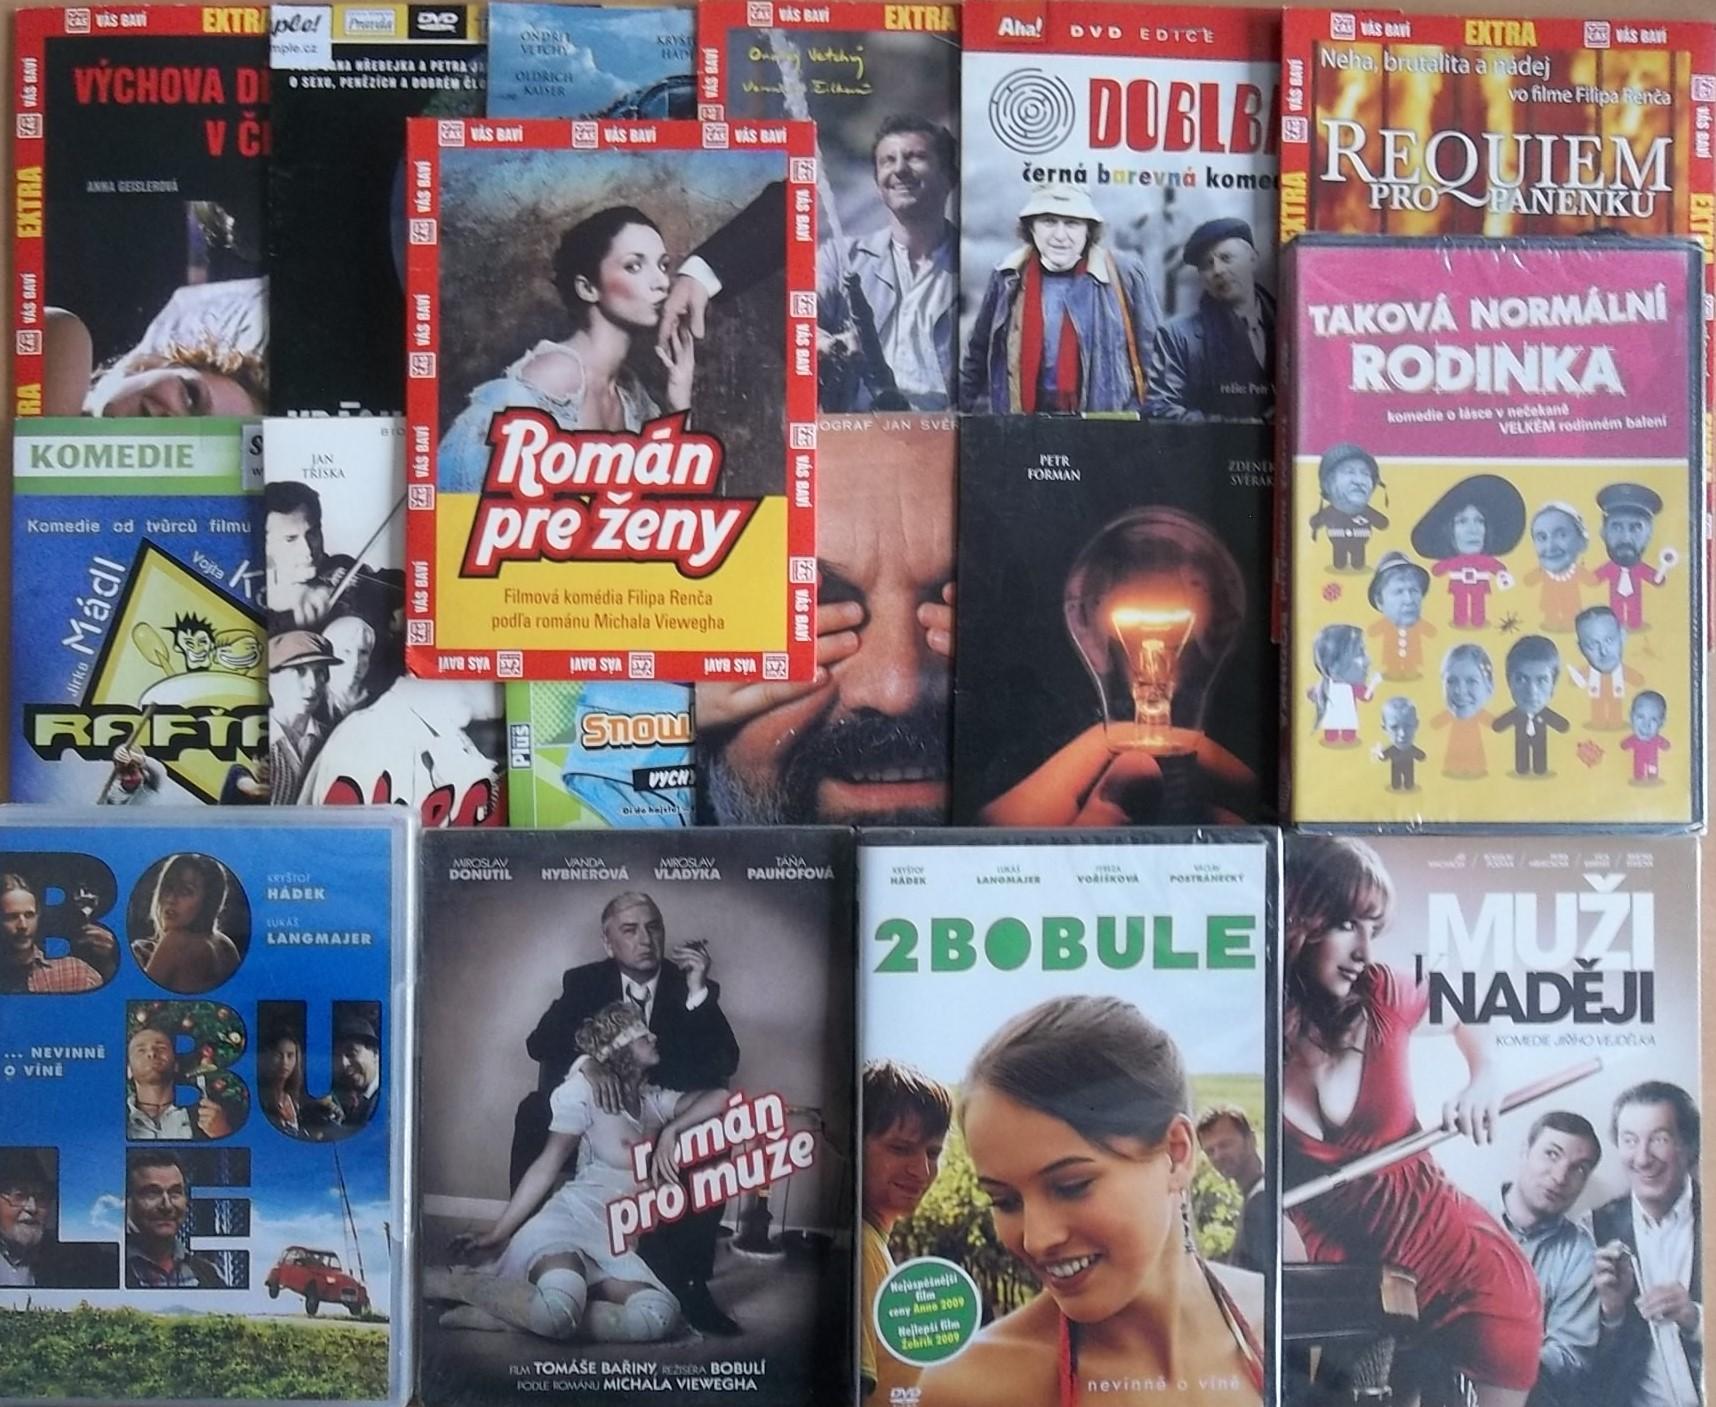 eroticke filmy zdarma lezbicky foto